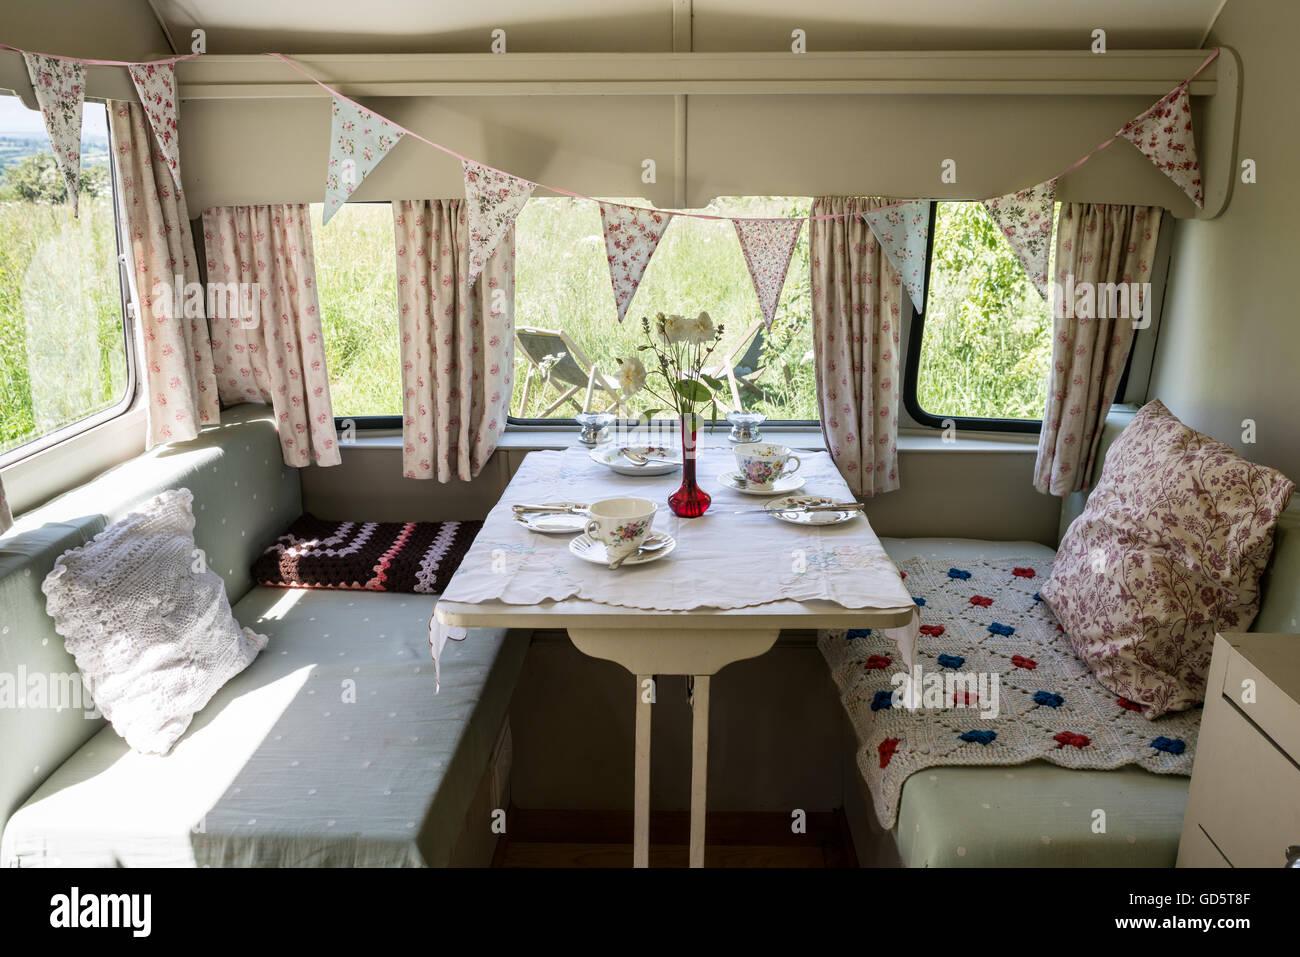 Sitzecke in einem Wohnwagen mit Retro-Interieur Stockfoto, Bild ...